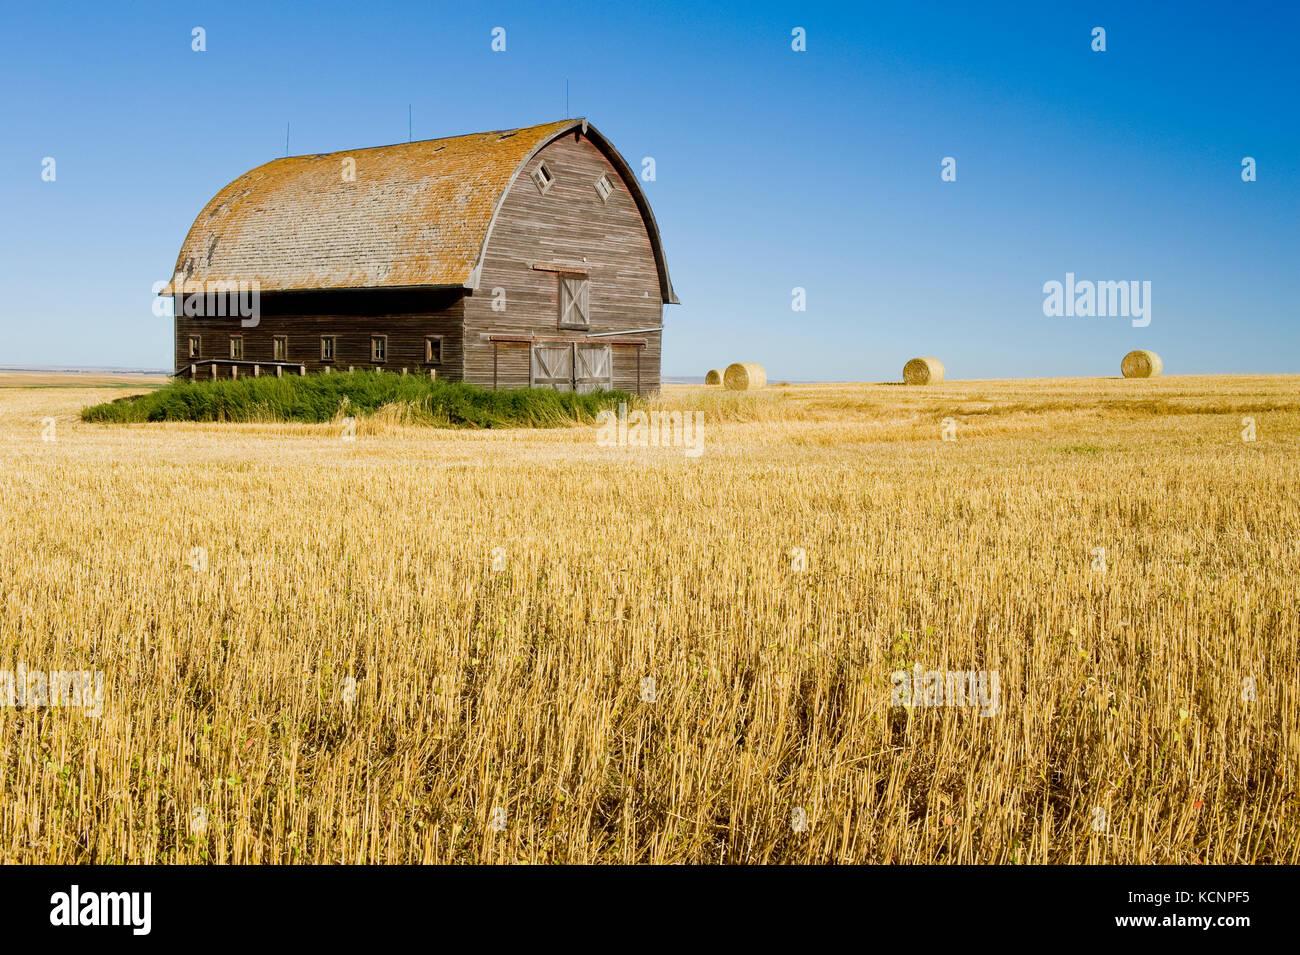 Alte Scheune in einem Hartweizen stoppeln Feld in der Nähe von ponteix, Saskatchewan, Kanada Stockbild